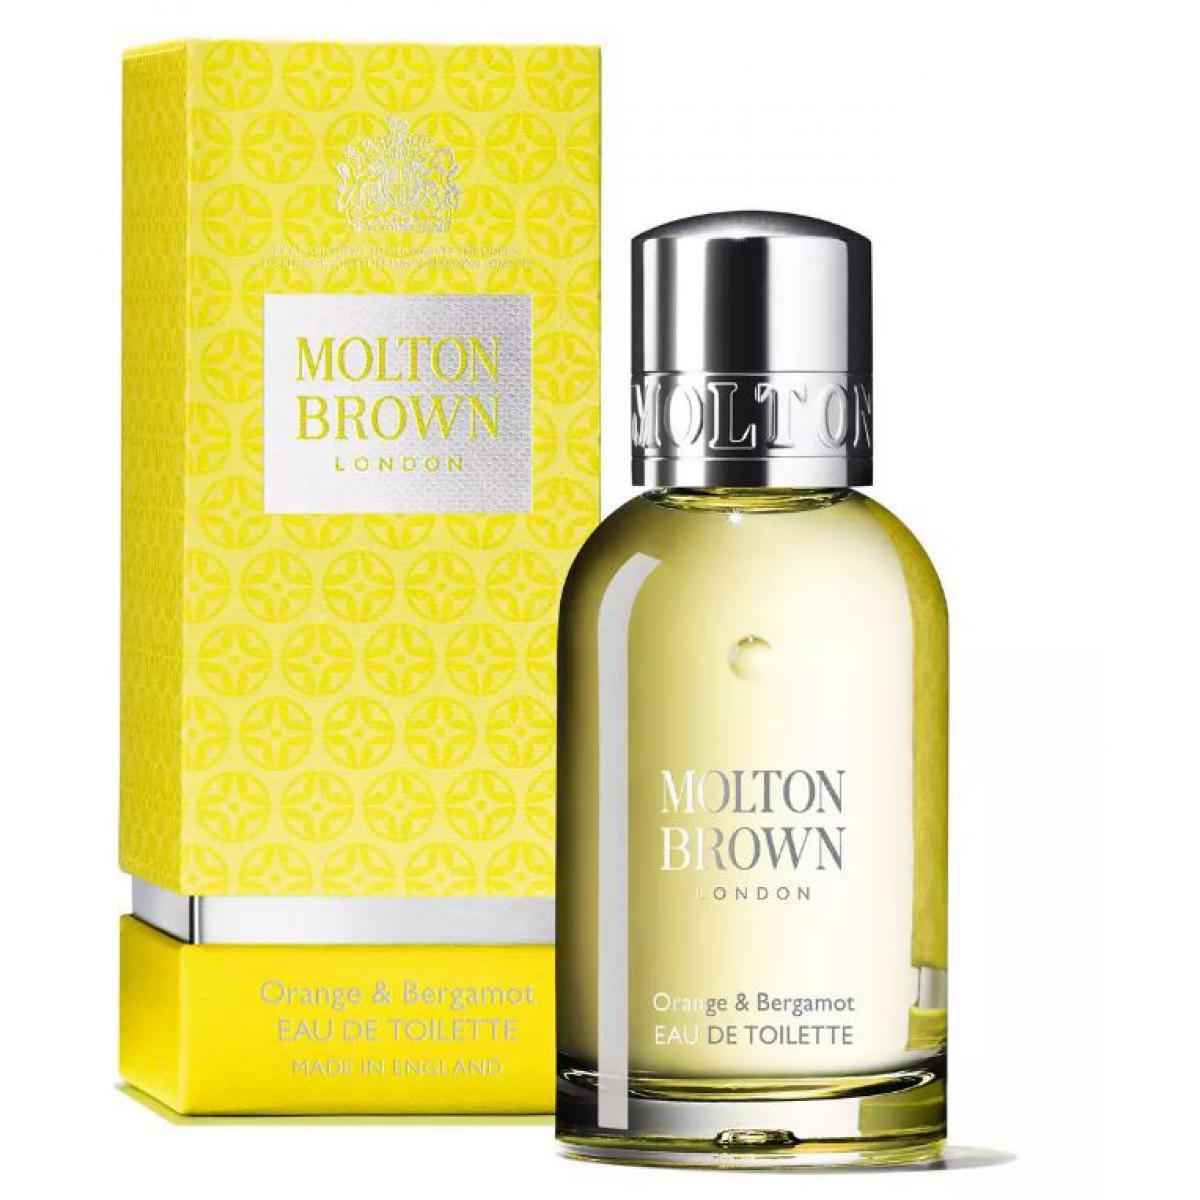 ORANGE & BERGAMOT EAU DE TOILETTE Molton Brown Parfums